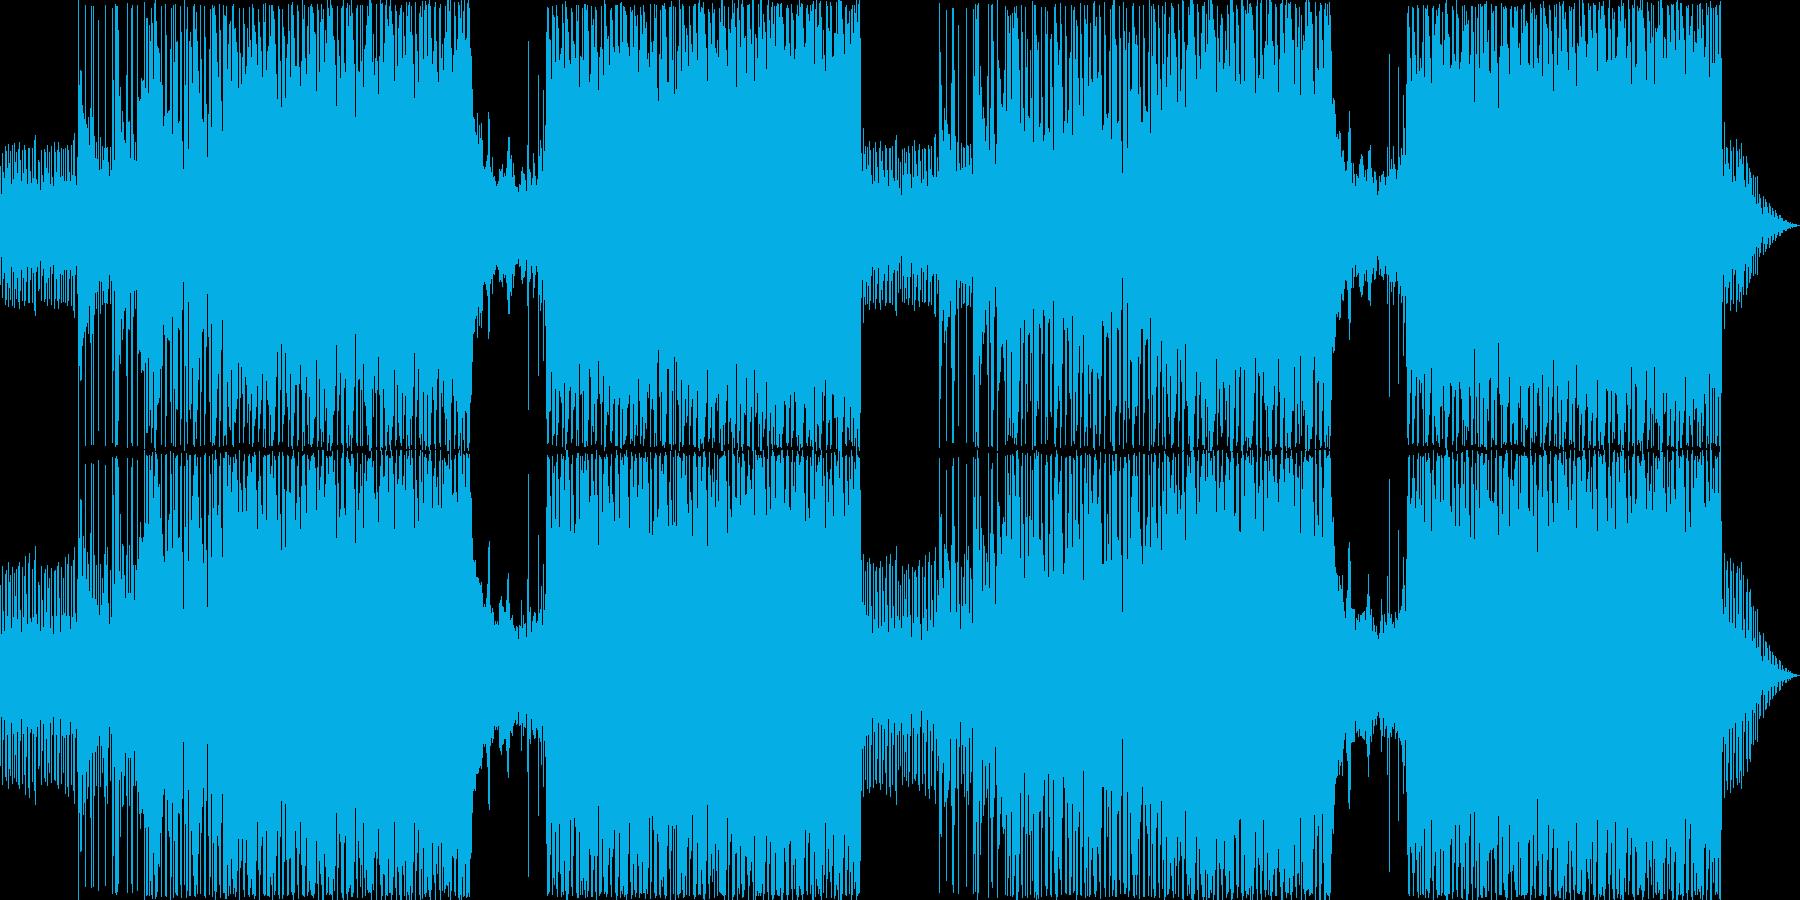 推理シーンにぴったりのミステリアスな曲の再生済みの波形